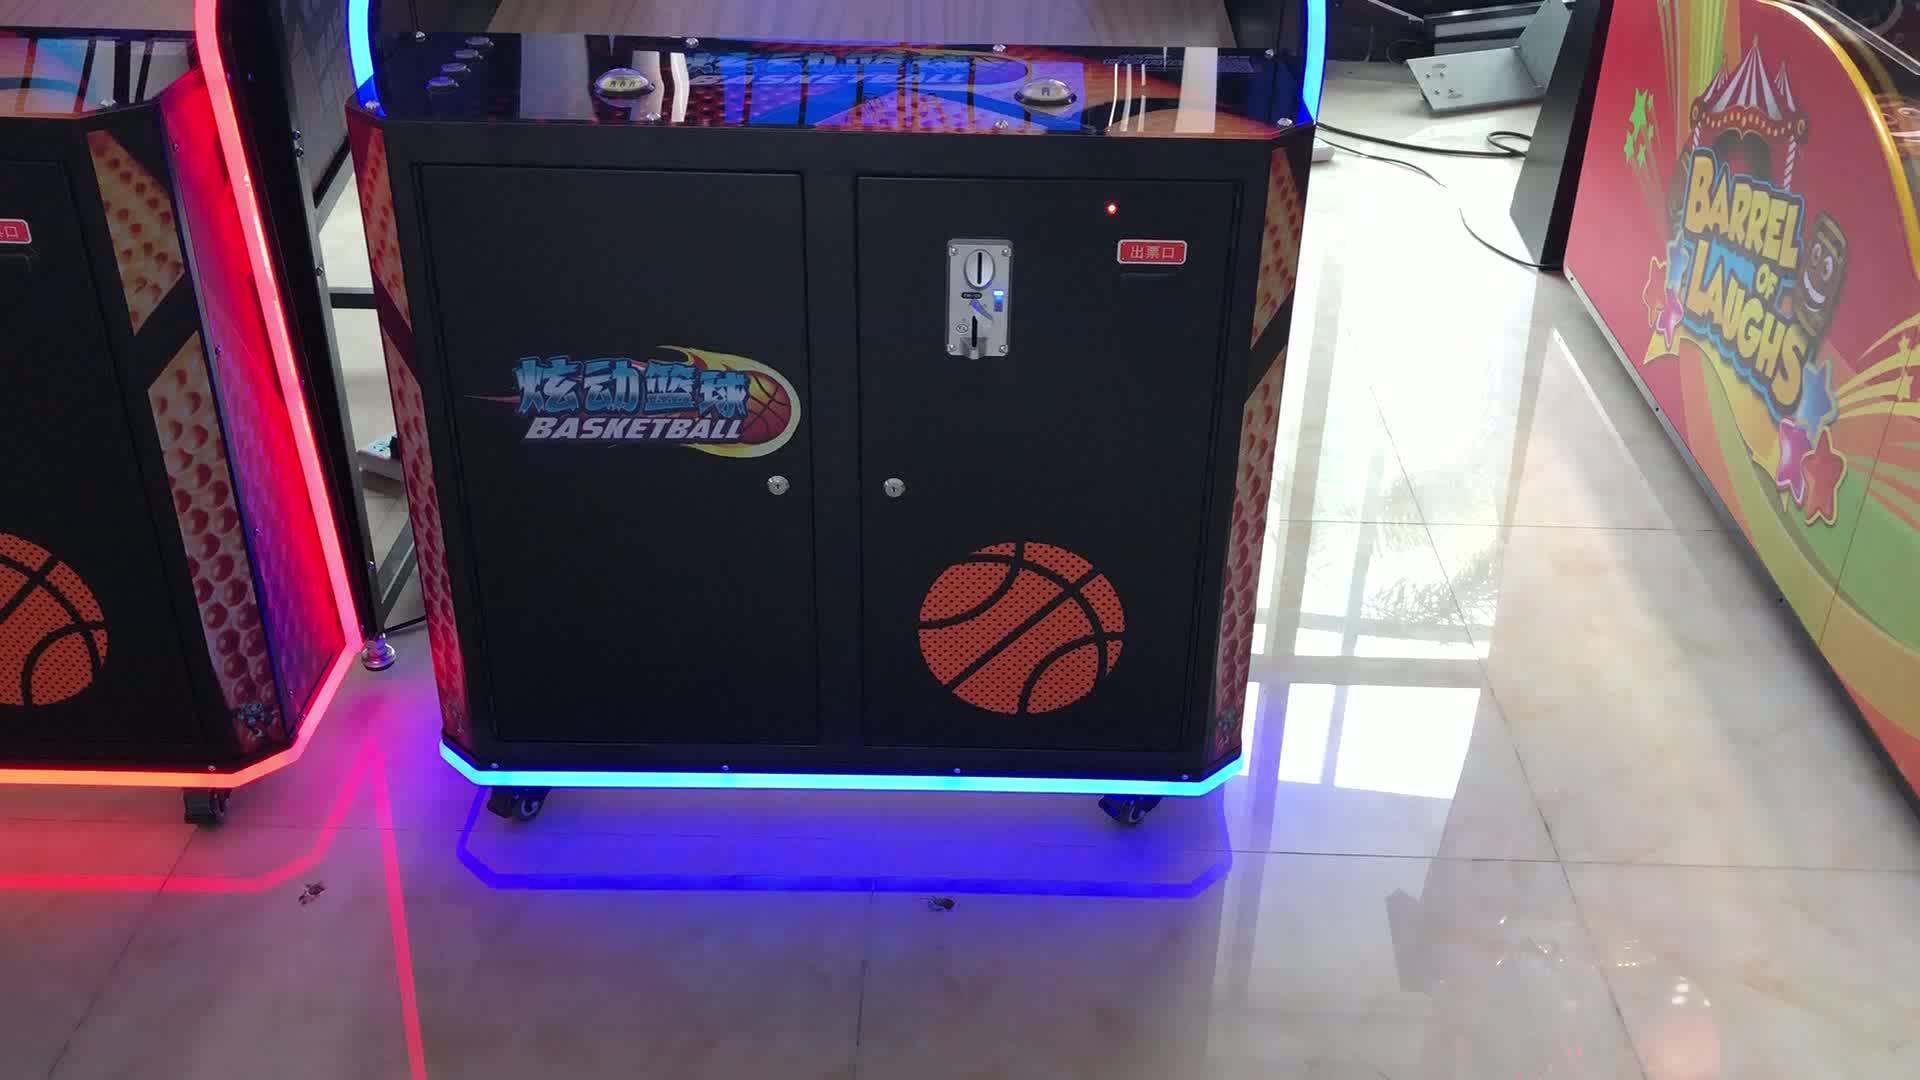 UNIS आर्केड खेल मशीन बास्केटबॉल खेल मशीन मॉनिटर तूफान शॉट